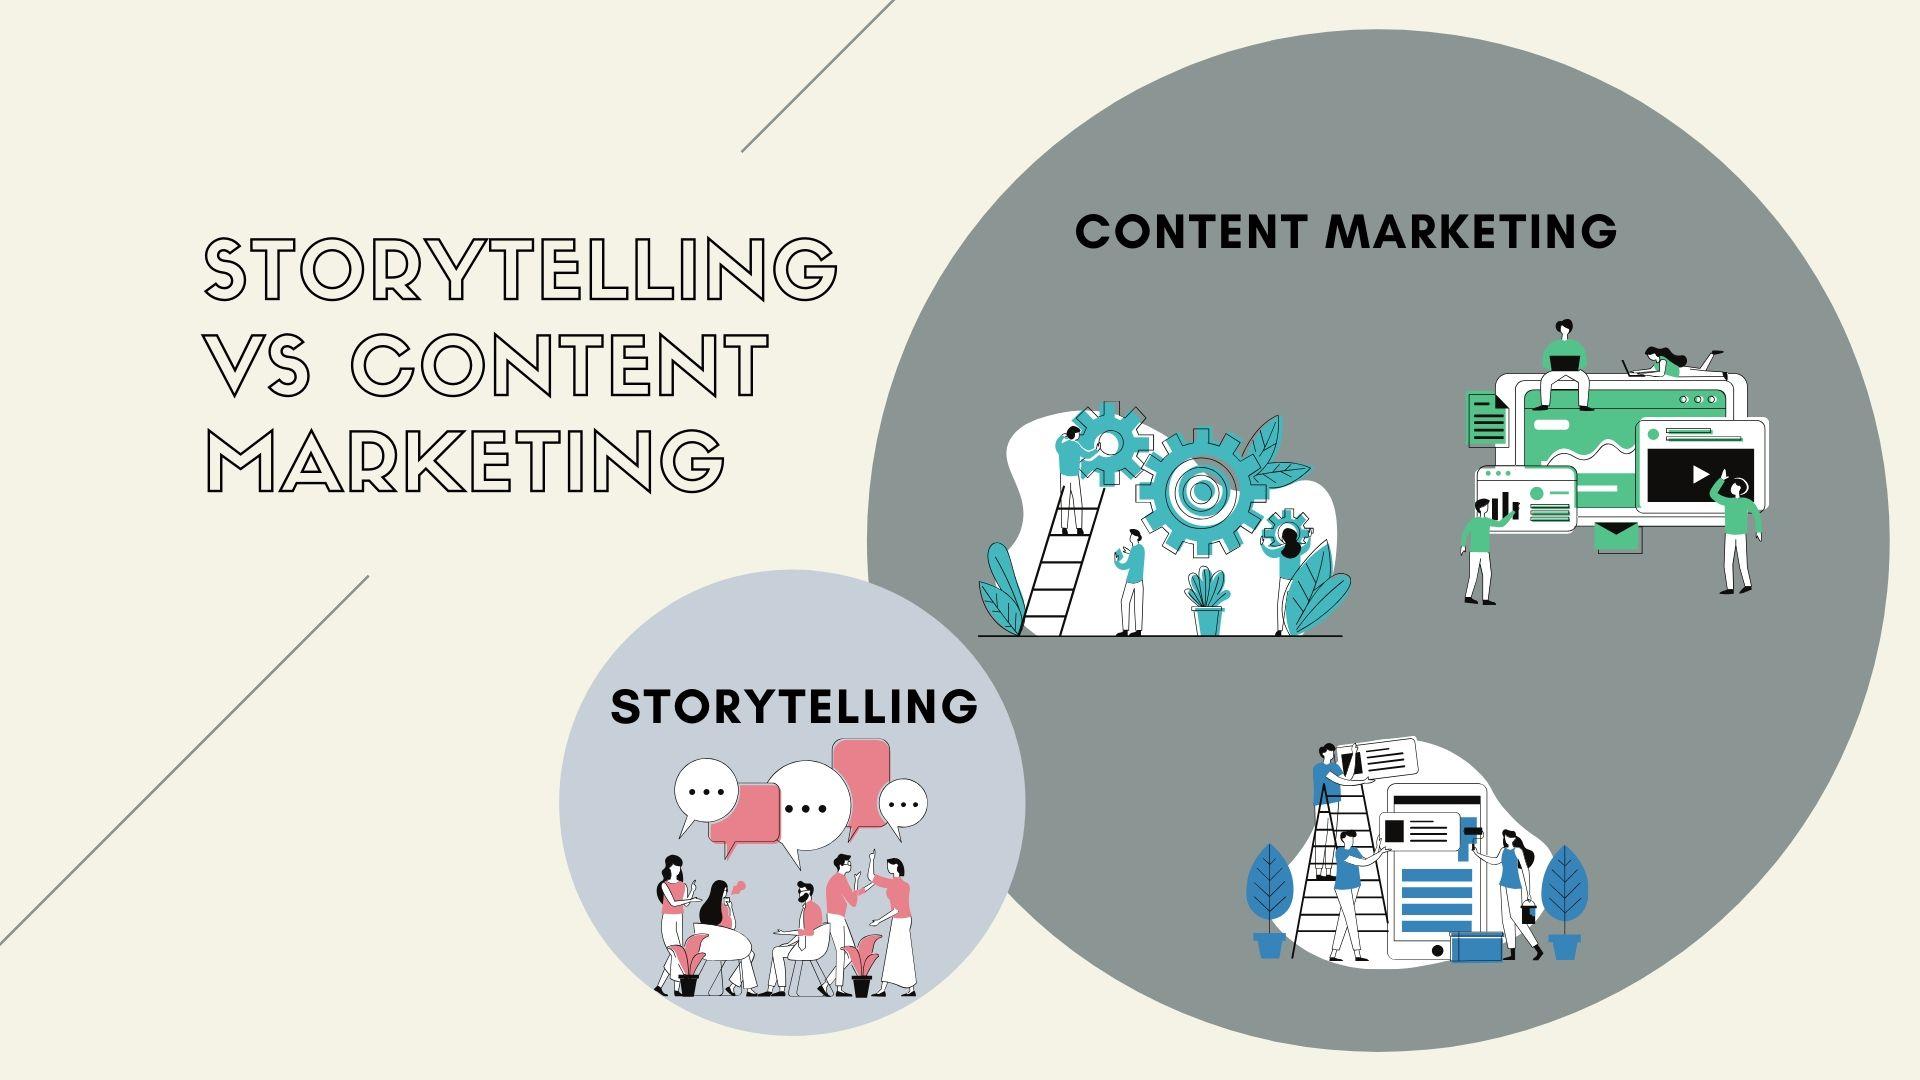 sự khác biệt giữa storytelling và content marketing